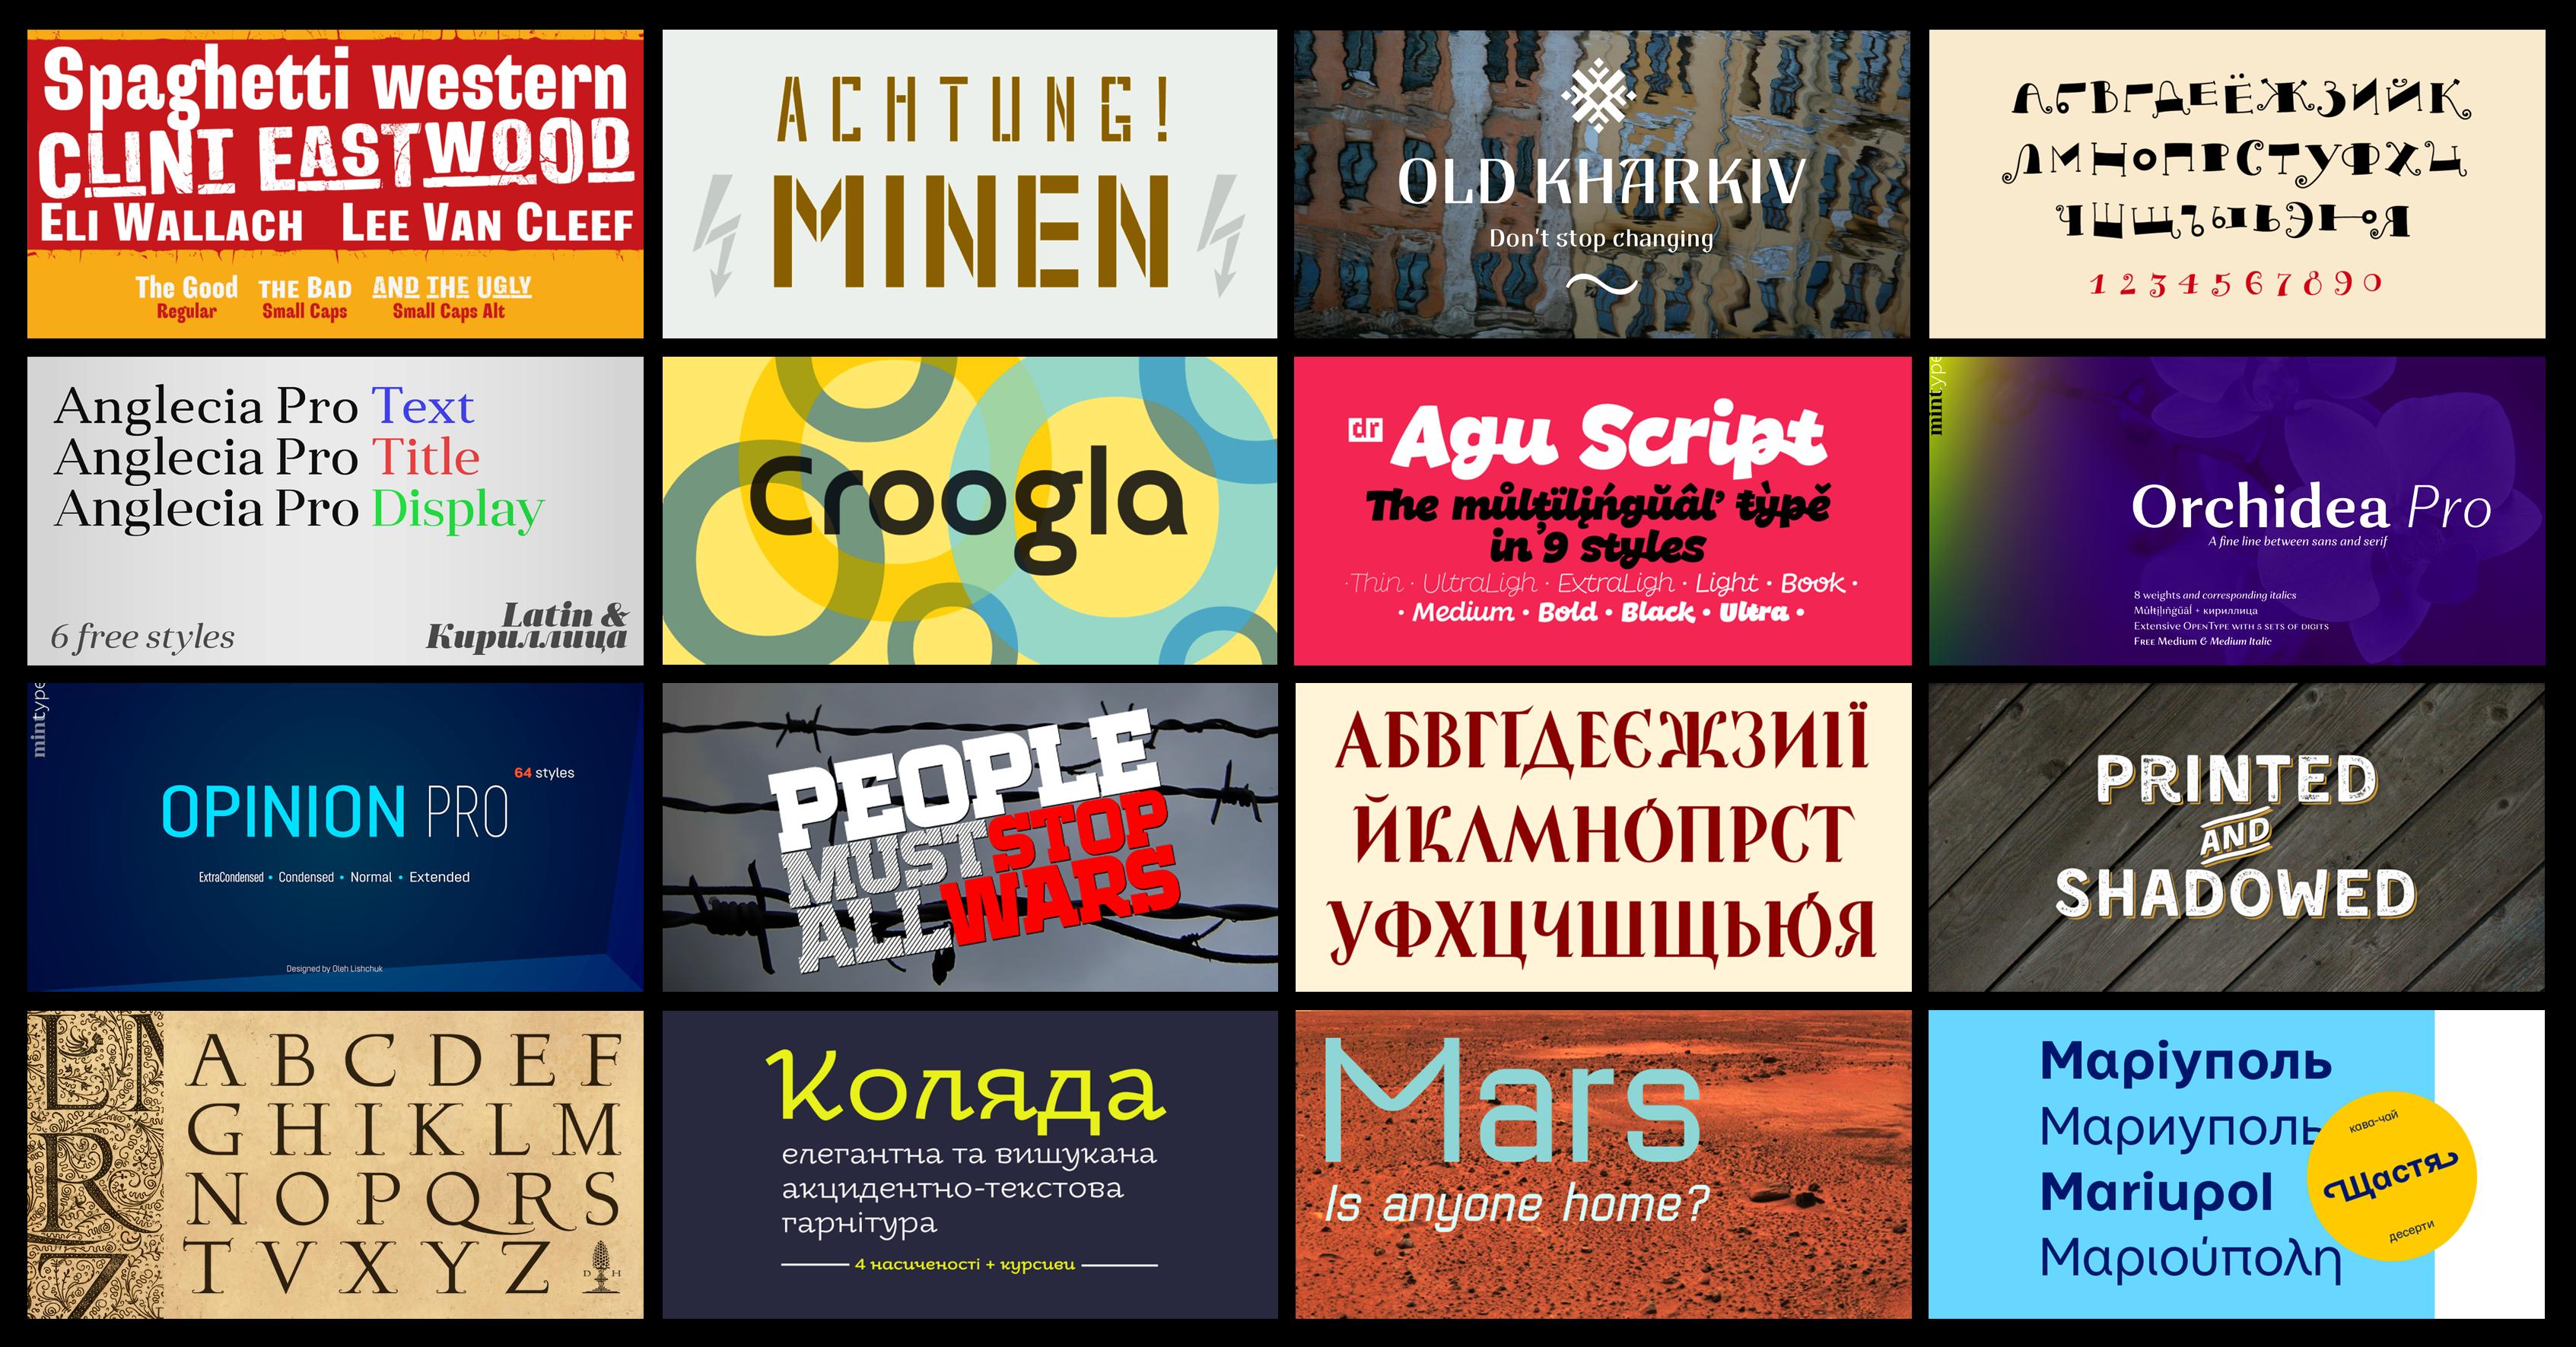 Более 300 оригинальных коммерческих шрифтов, которые можно арендовать или купить на Rentafont